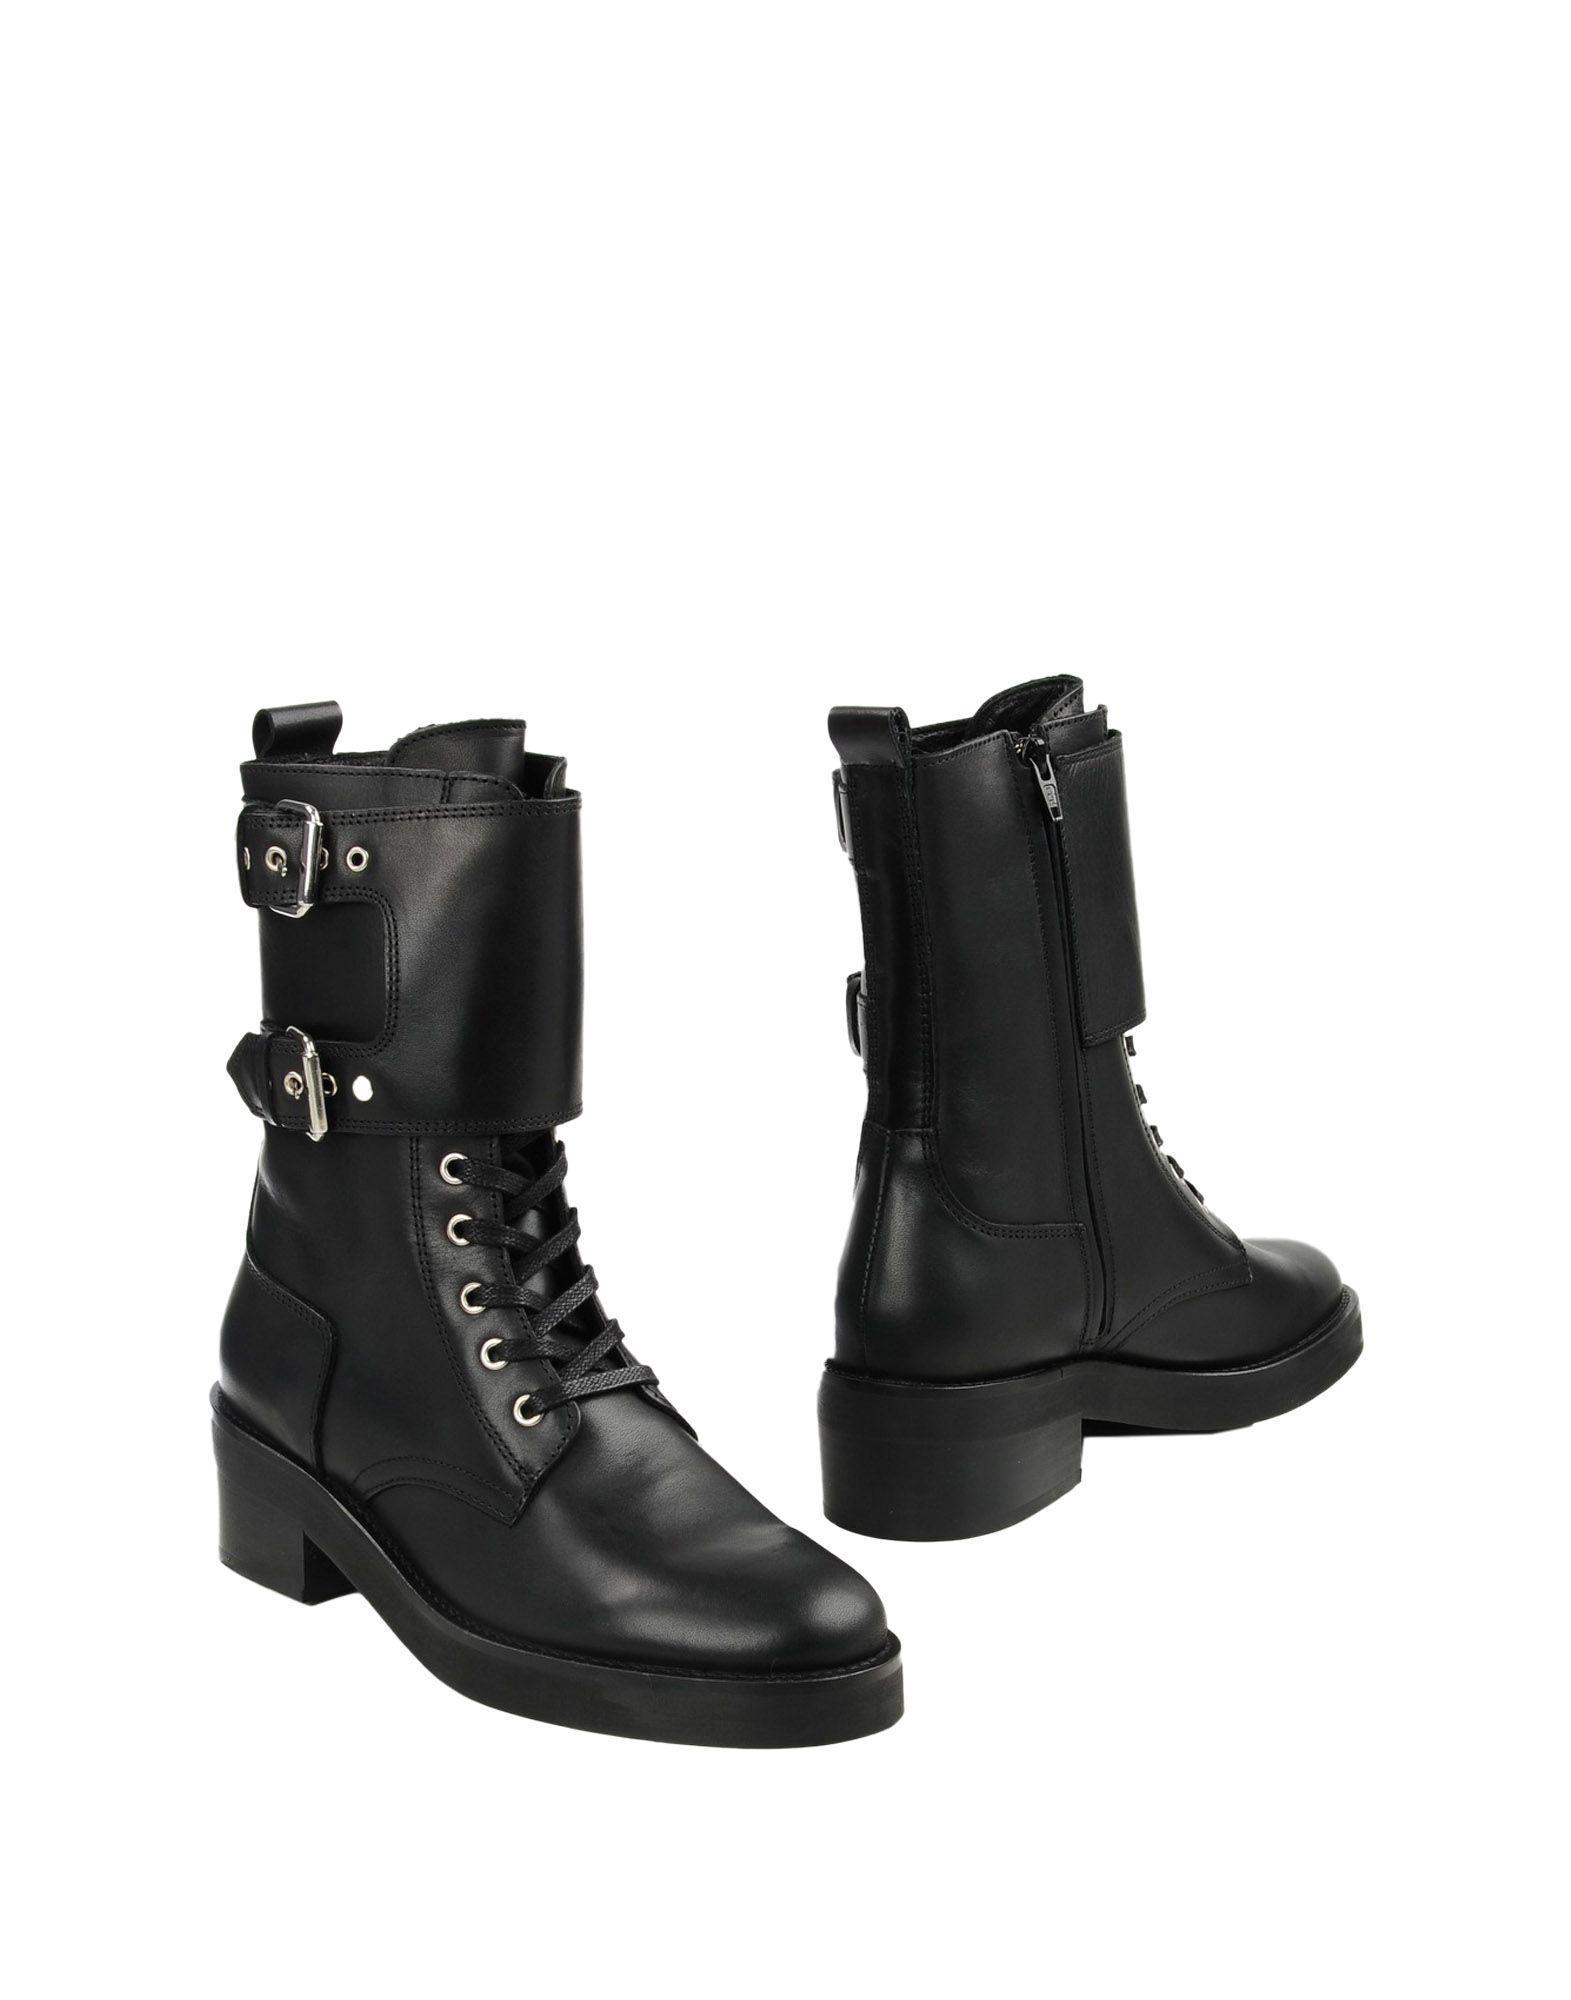 Rabatt Schuhe The Kooples Stiefelette Damen  11338933JG